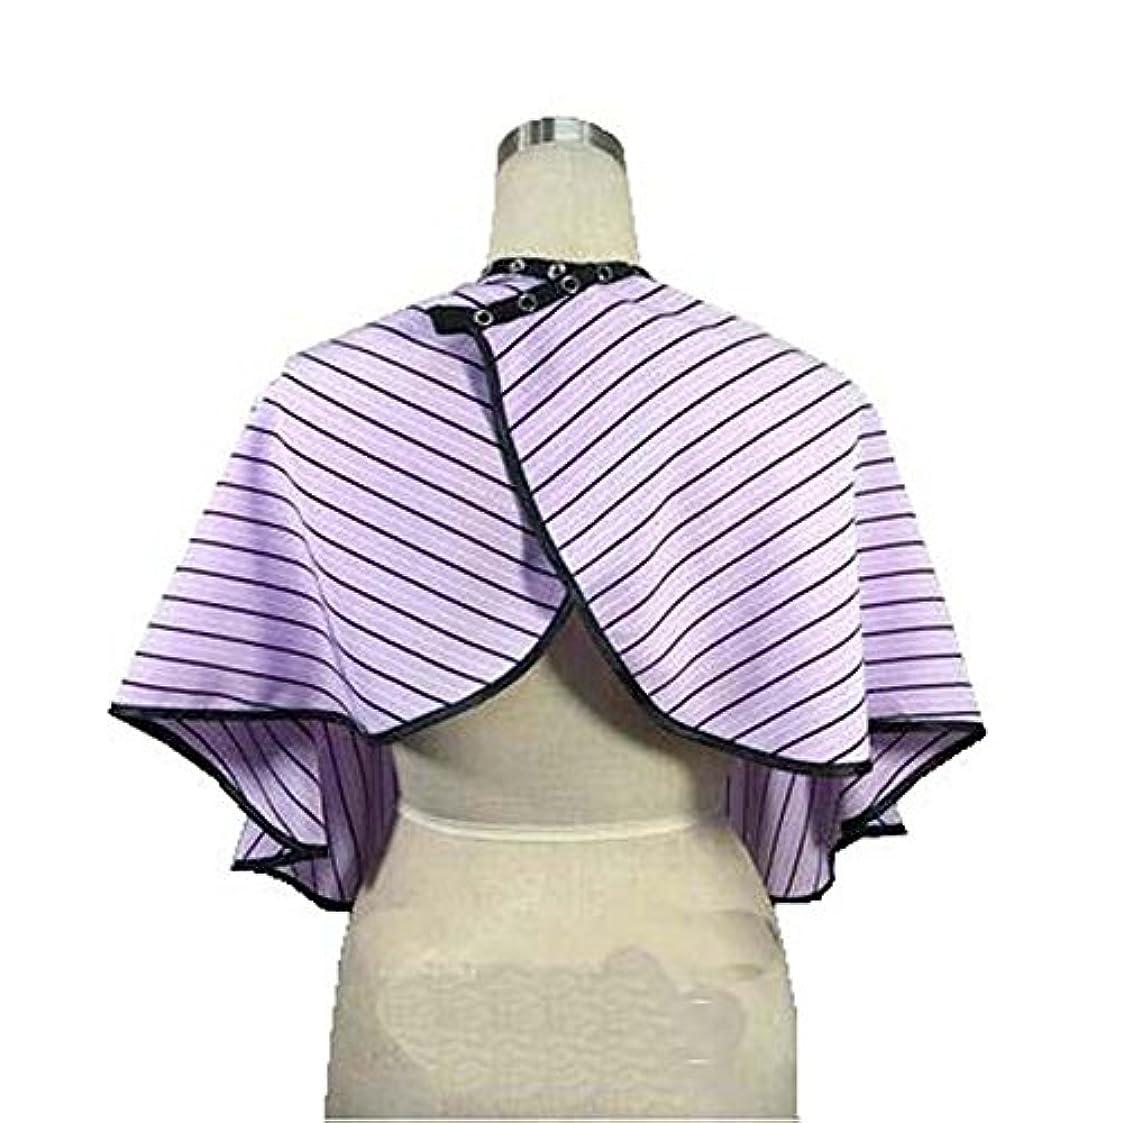 盗賊虚弱貫通美容院のクライアントガウンのボタンの閉鎖、紫色の縞が付いている防水着色の染料の岬のスモック